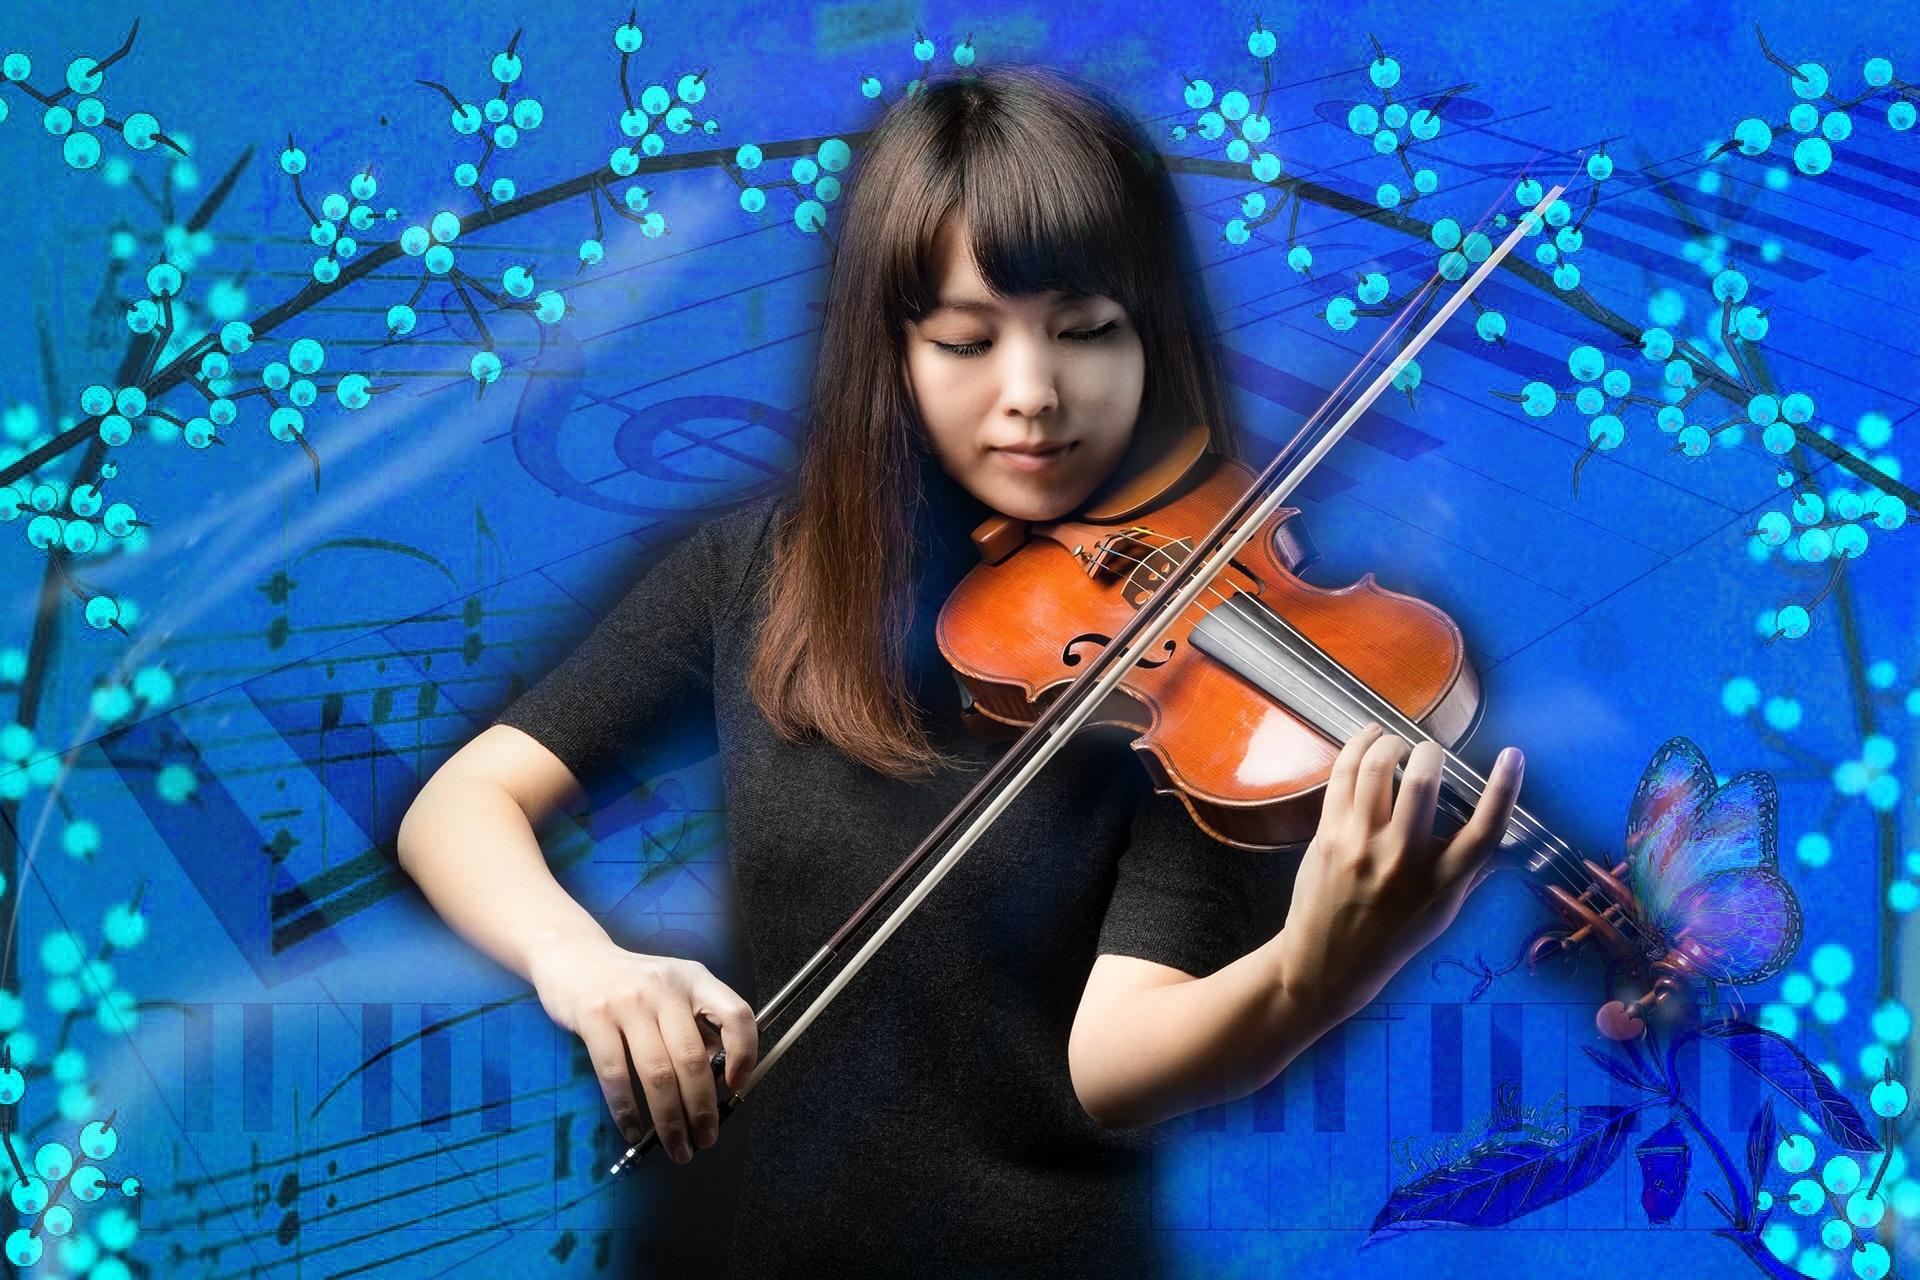 Gambar Gadis Pemusik Catatan Alat Musik Rambut Hitam Gambar